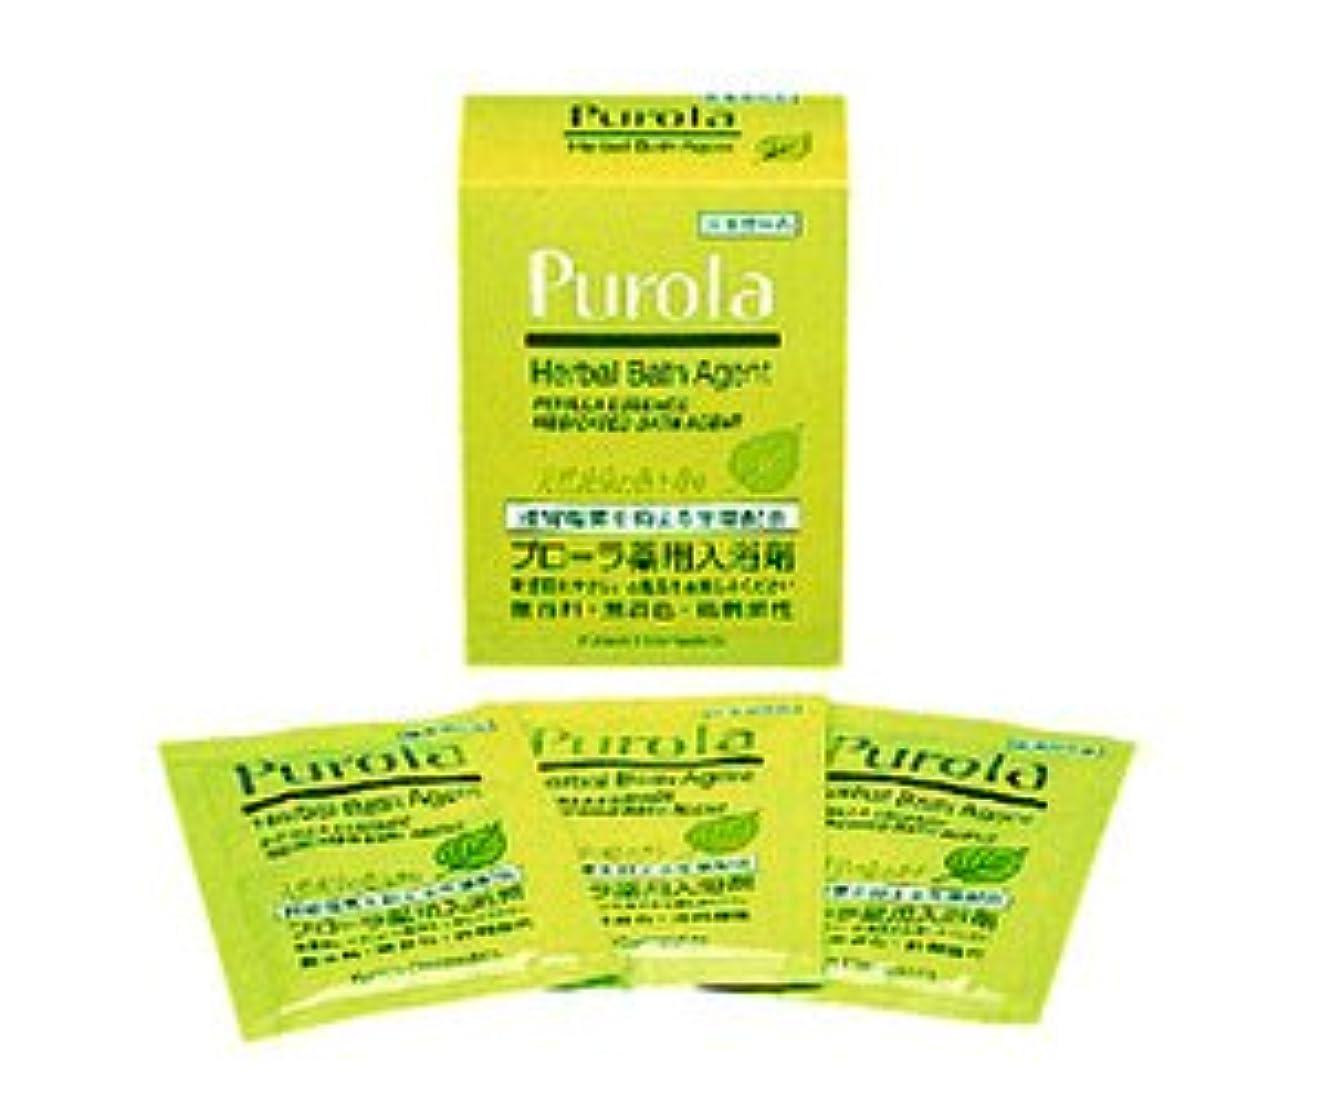 緯度一見インタフェースプローラ薬用入浴剤 25g×10包 低刺激性入浴剤